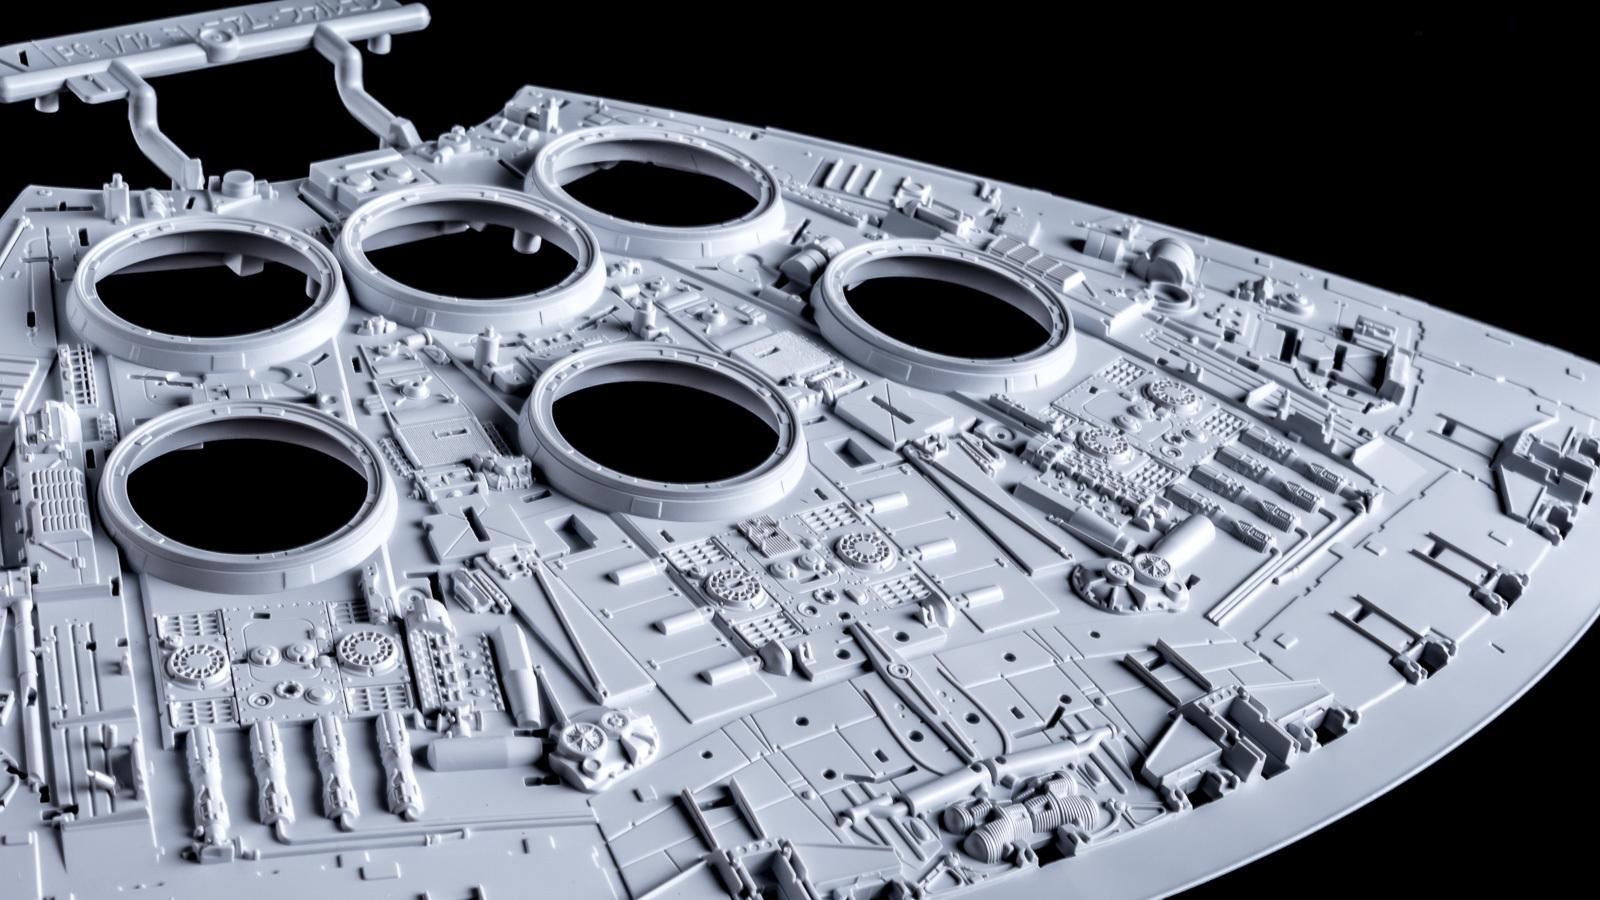 """「模型で作った模型の模型」、バンダイのミレニアムファルコンが持つ\""""パーフェクト\""""の意味【前編】_b0029315_00134800.jpg"""